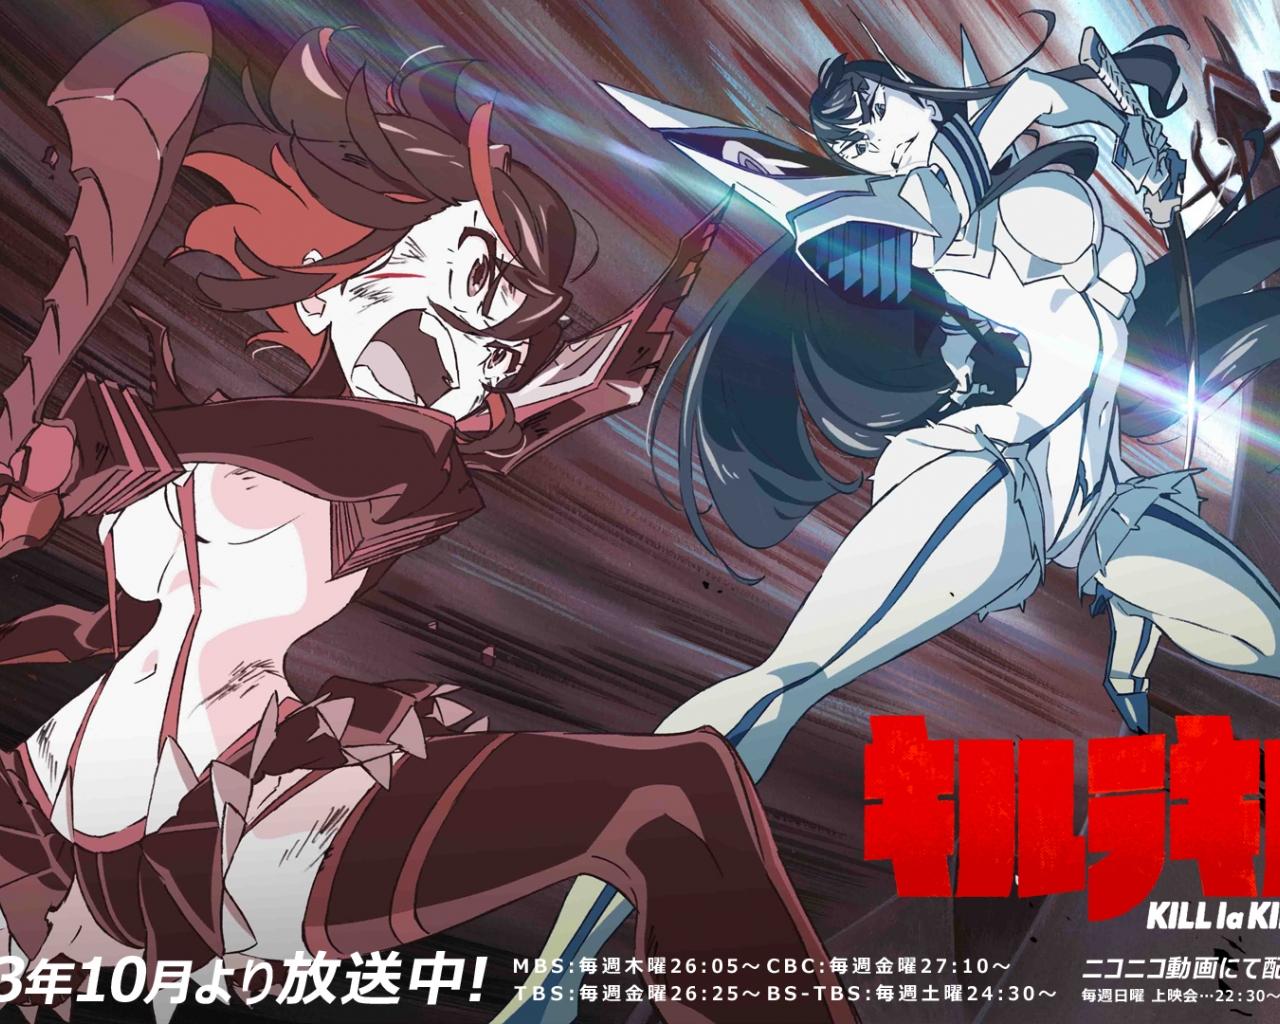 Kill La Kill Ryuko And Satsuki Wallpaper Posted By Zoey Johnson